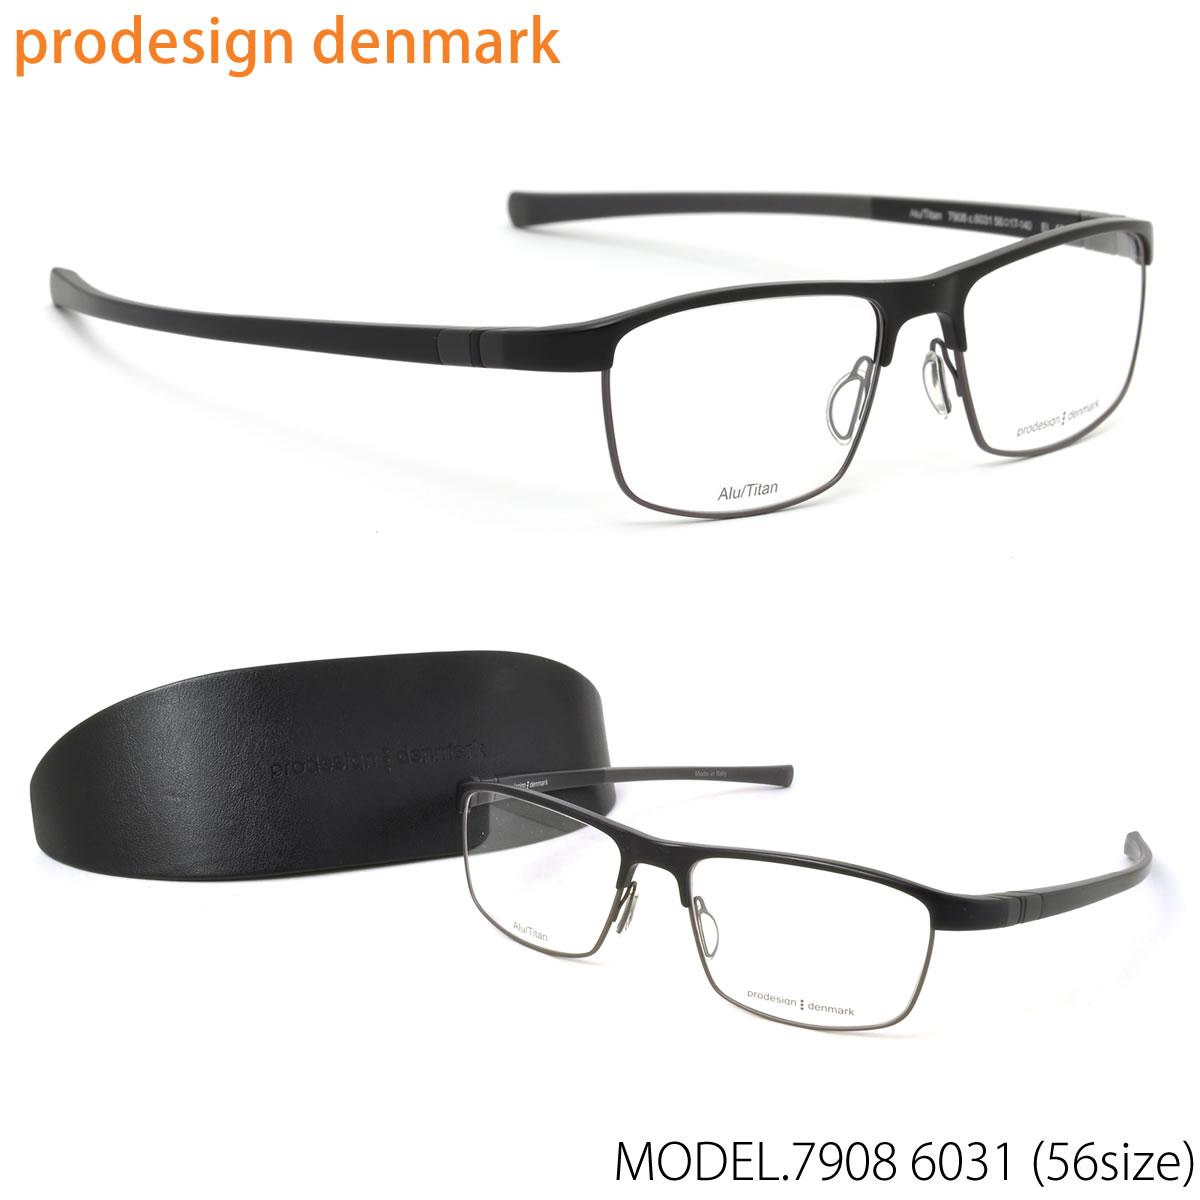 prodesign:denmark(プロデザインデンマーク) メガネ フレーム 7908 6031 56 北欧 アイウェアオブザイヤー 伊達メガネレンズ無料 プロデザインデンマーク prodesign:denmark メンズ レディース:メガネ・サングラスのThat's